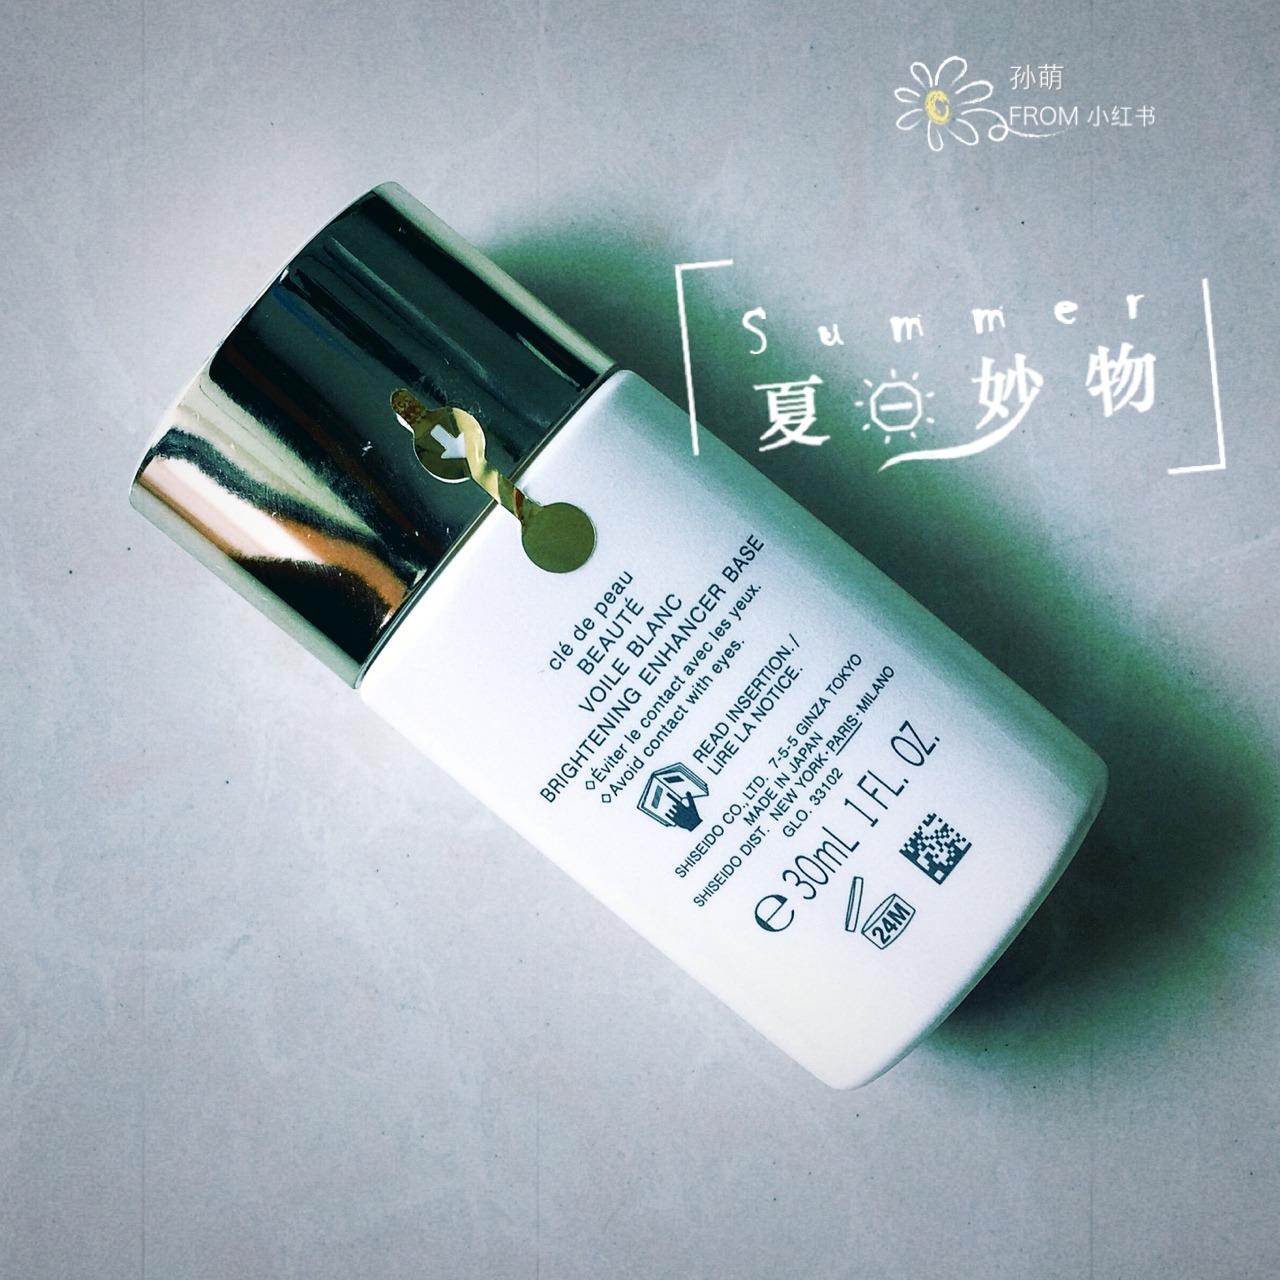 cpb底妆产品使用报告:96_护肤_彩妆_小红书